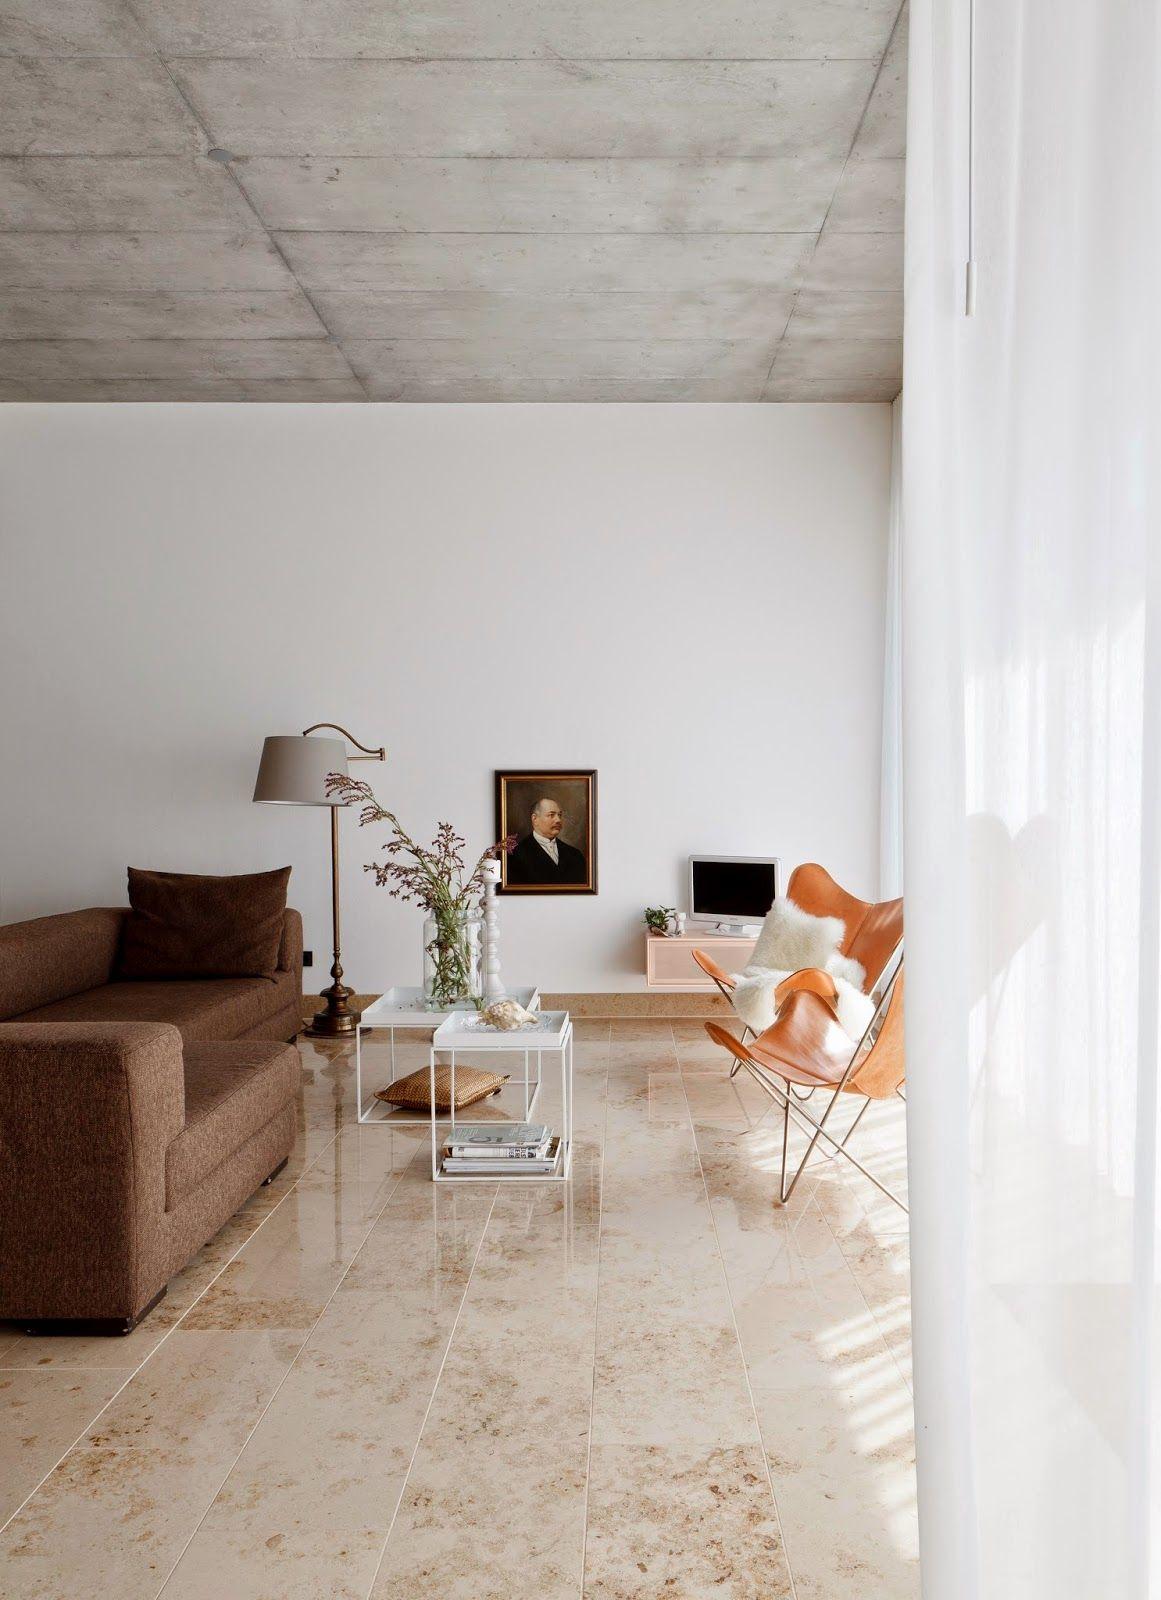 Un Papier Peint Imitation Béton Brut Au Plafond, Ou Même Des Dalles En Béton  Ductal. Interior ...